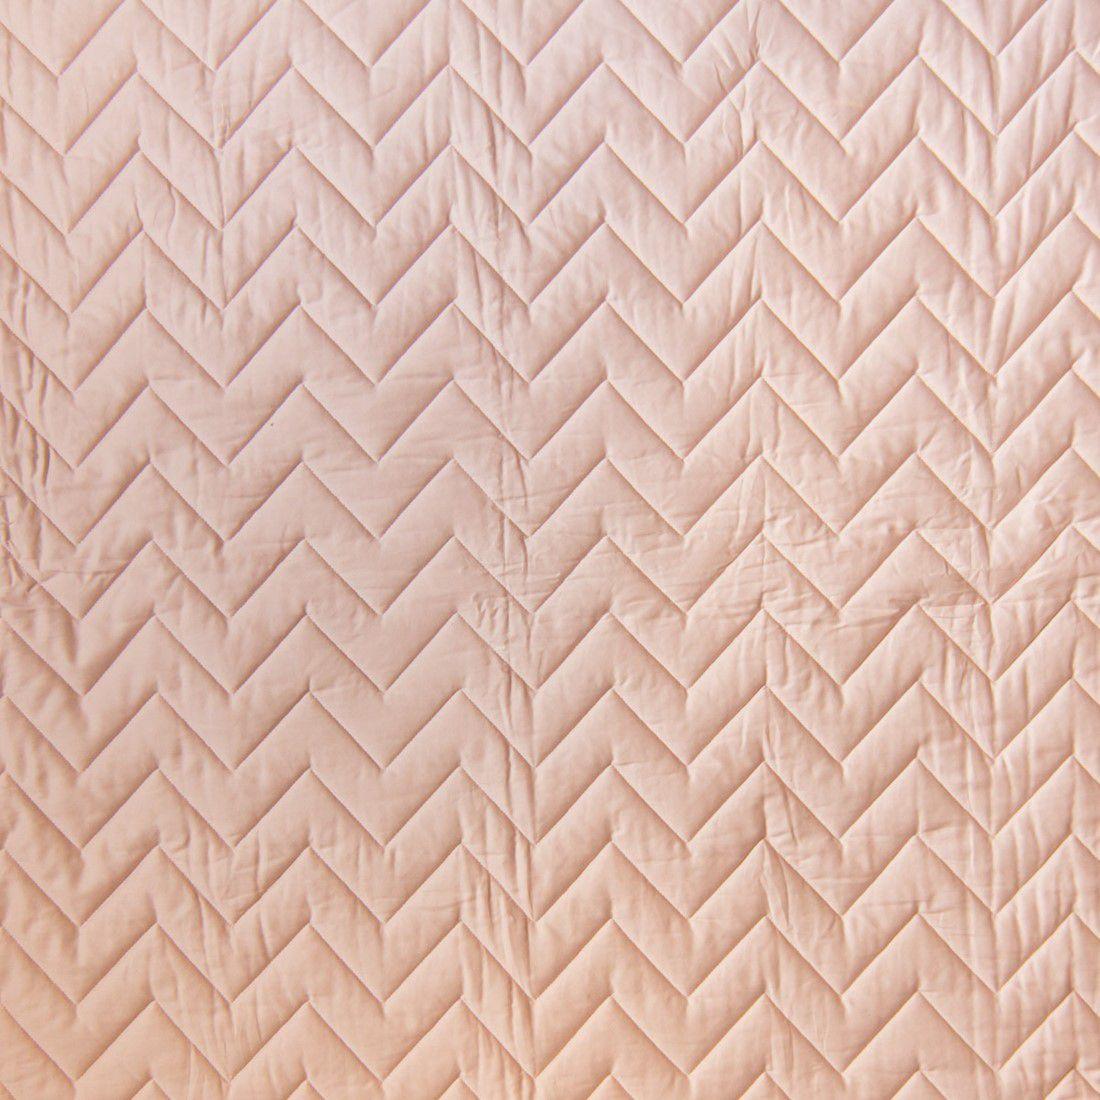 Edredom Dupla Face Percal 200 Fios Chevron Rosa Nude e Off White